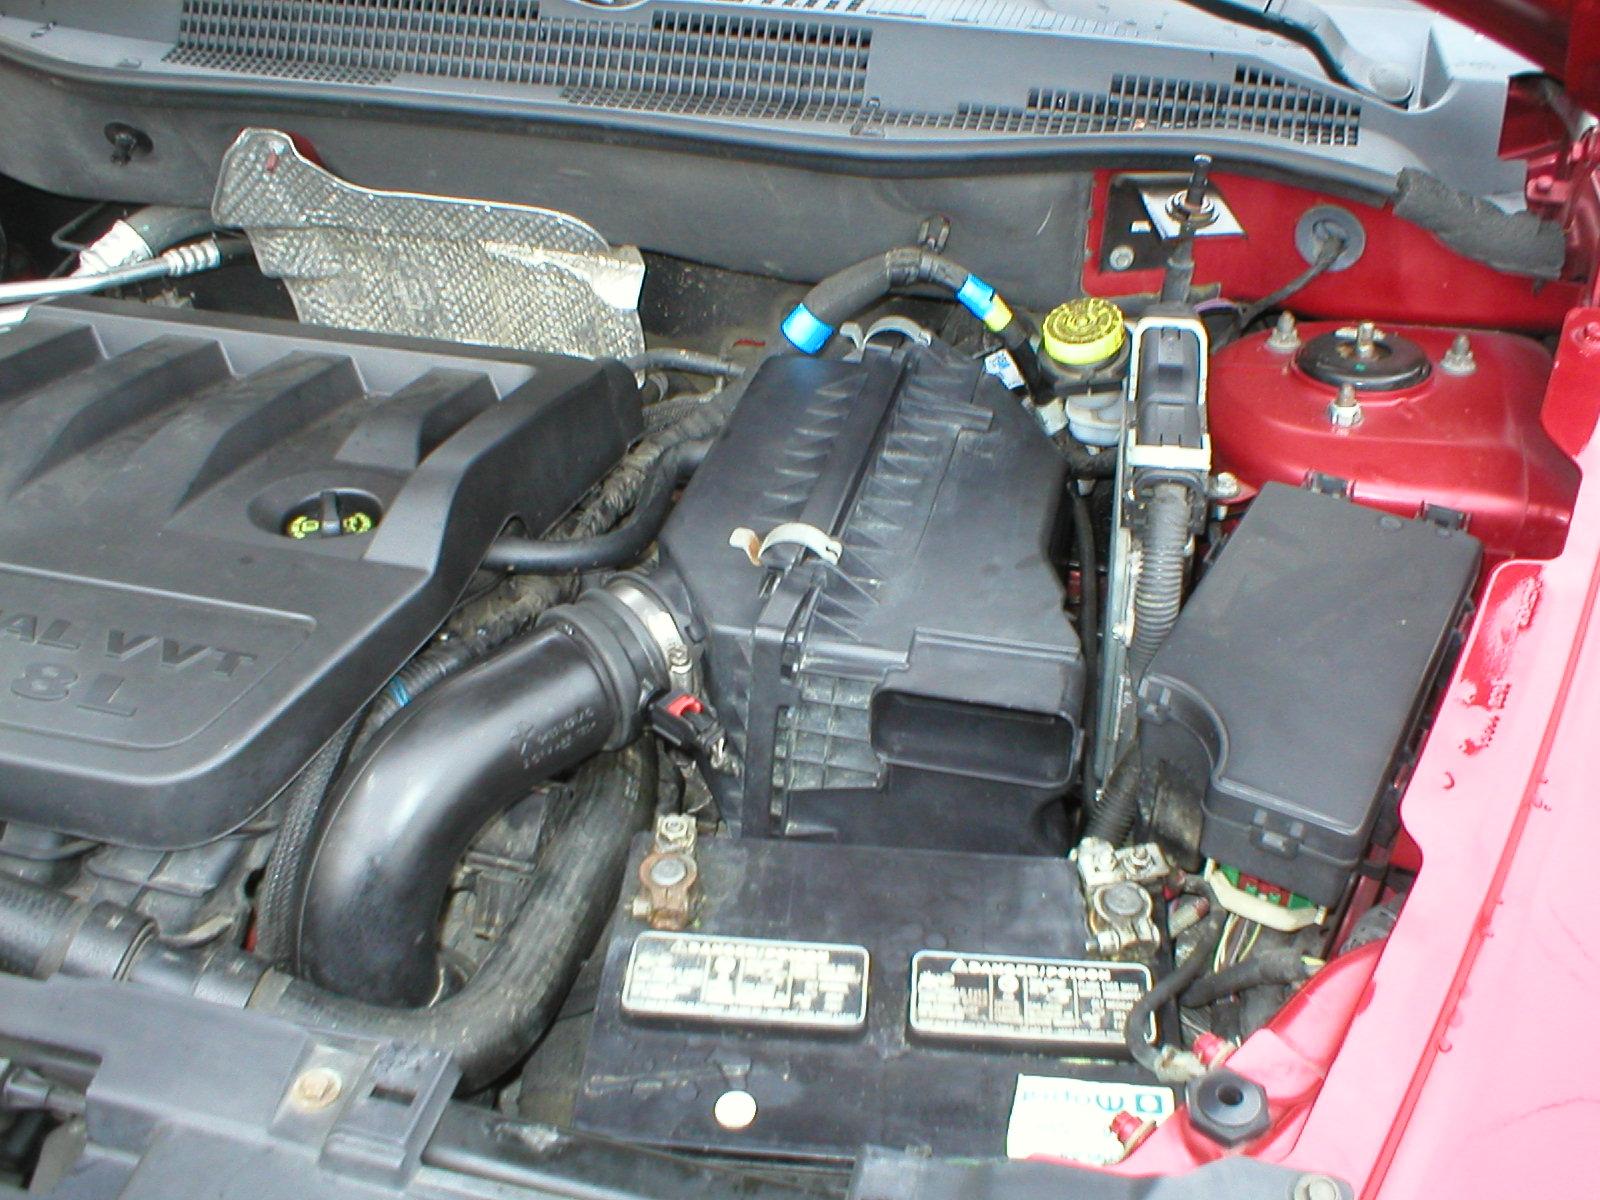 entretien caliber essence - Page 3 960435P1010190